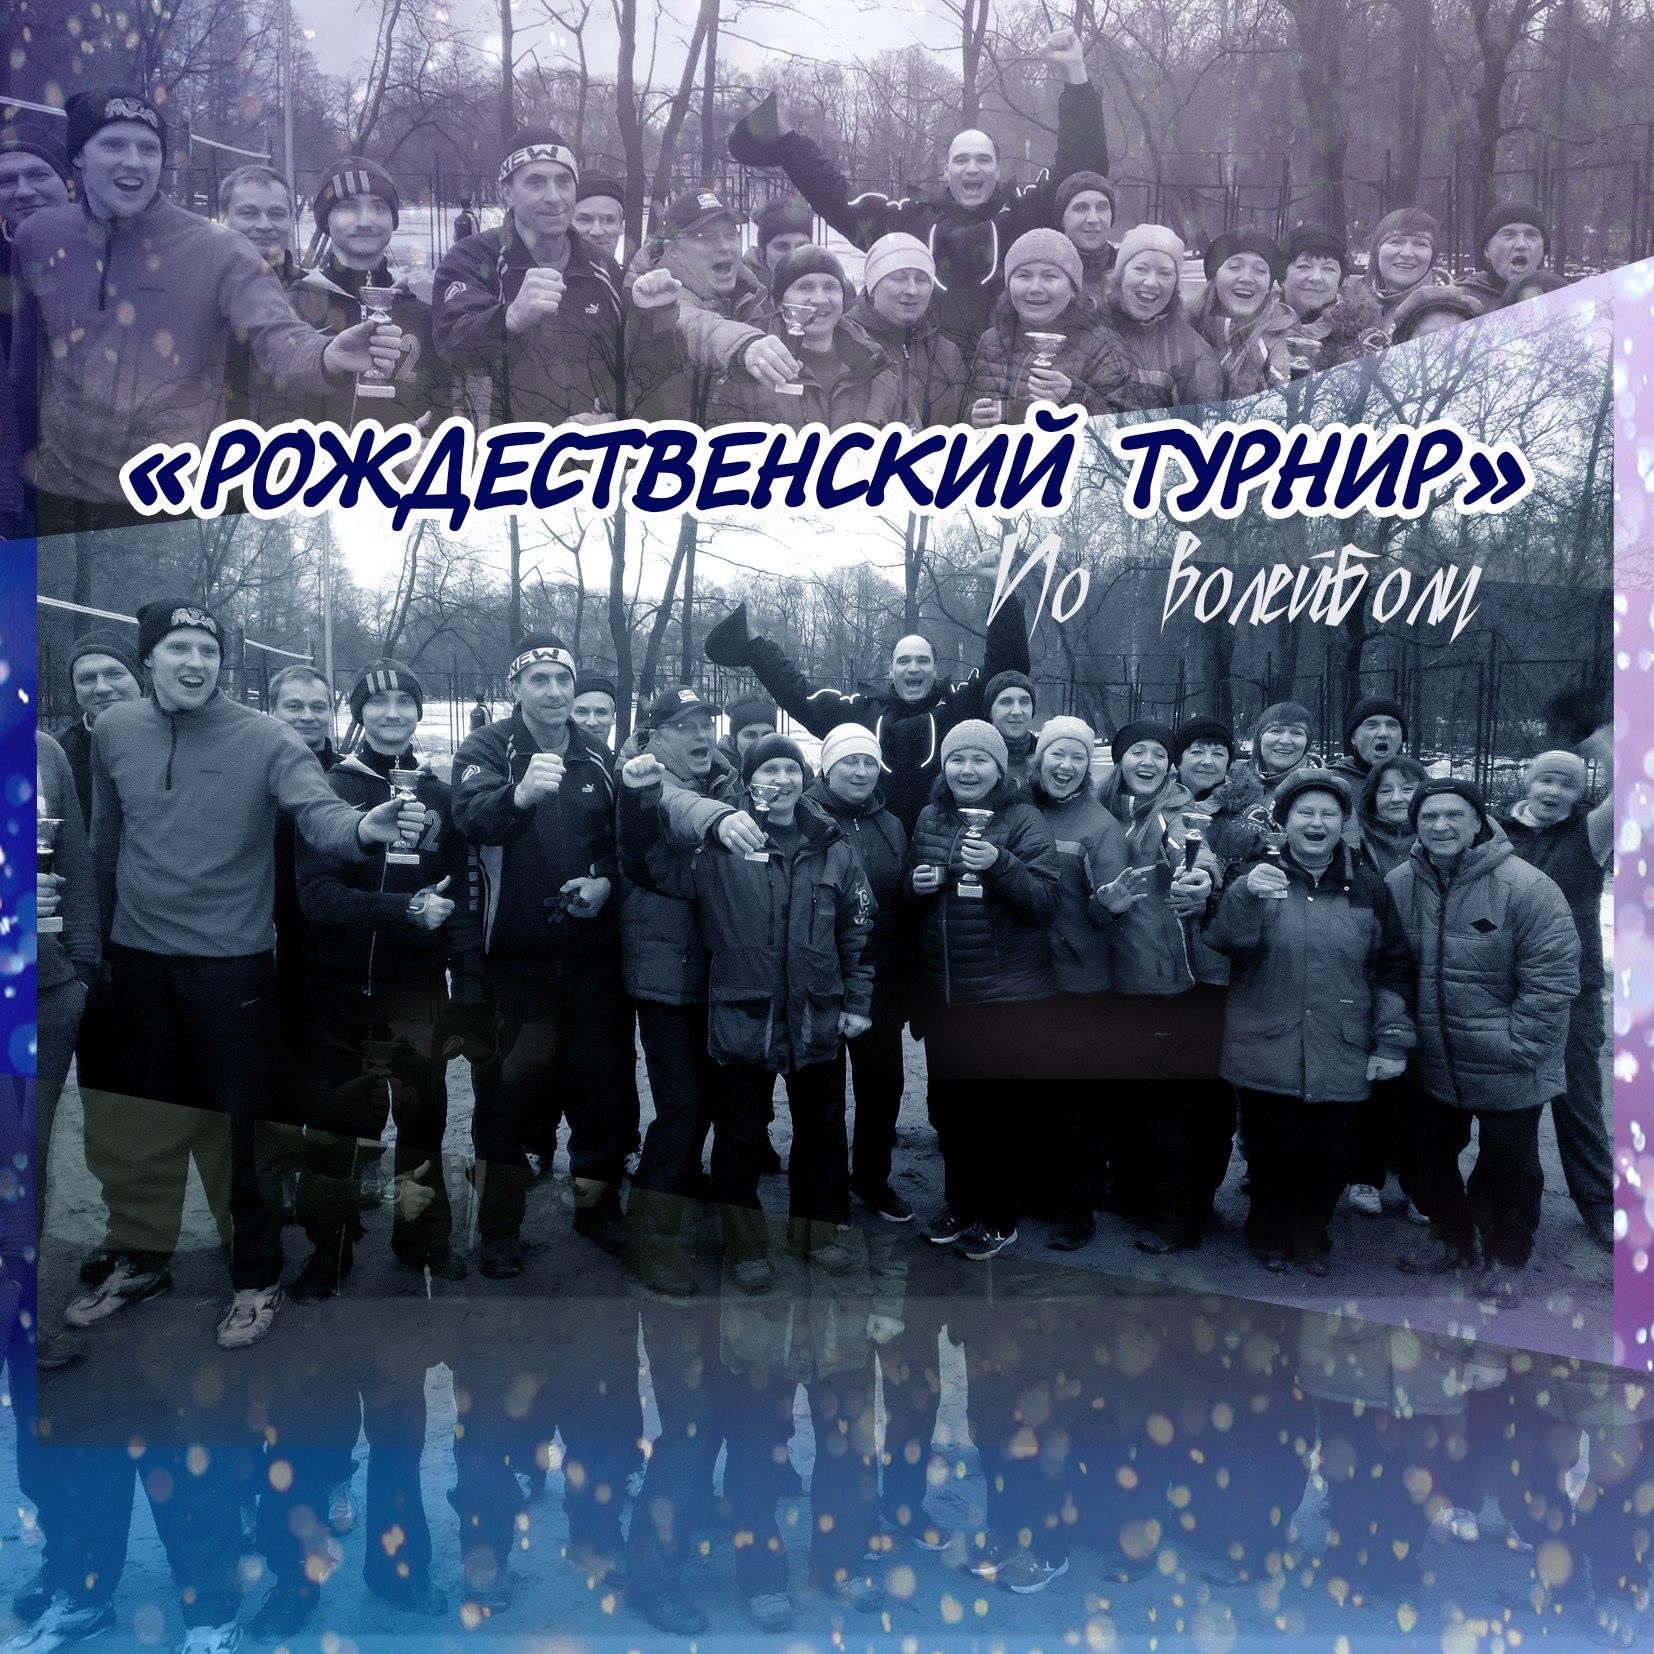 Рождественский турнир по волейболу